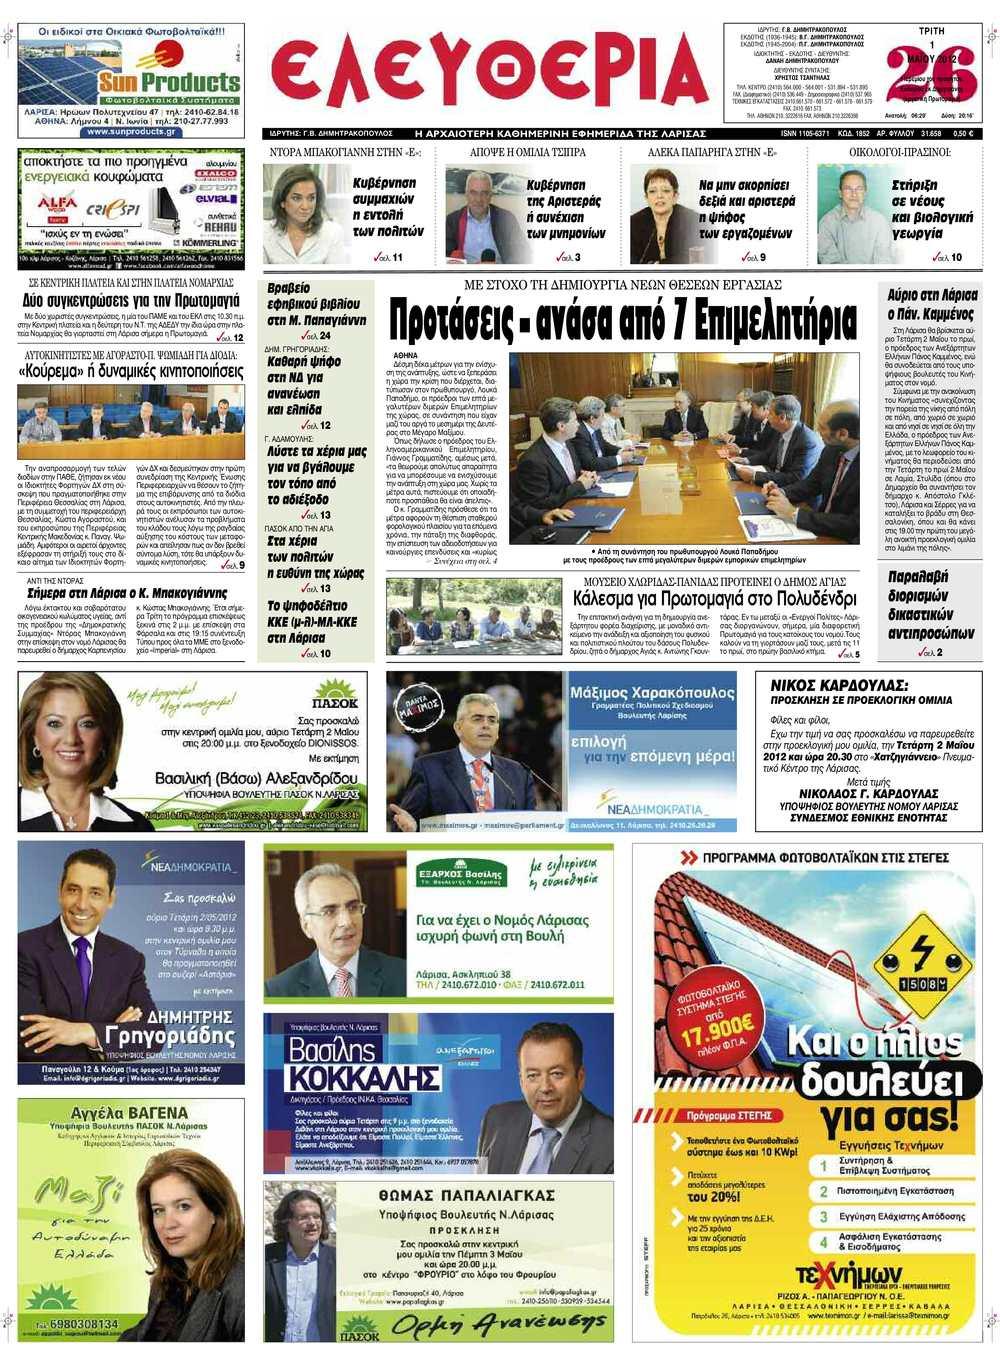 243282f29f41 Calaméo - Eleftheria.gr 01 05 2012